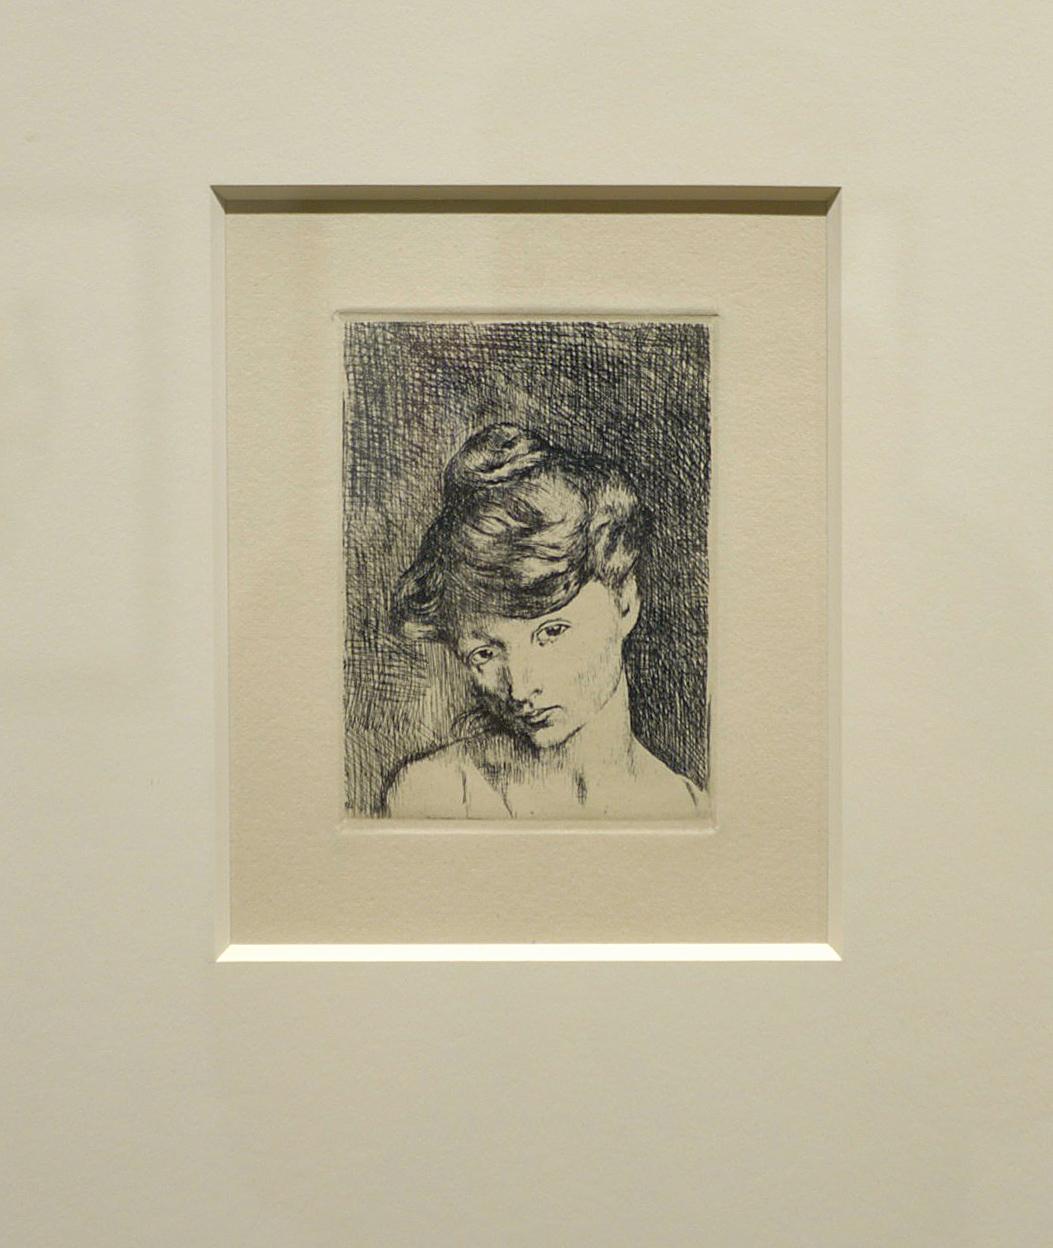 Picasso, Pablo - B0002 Tête de Femme, 1905 (January)